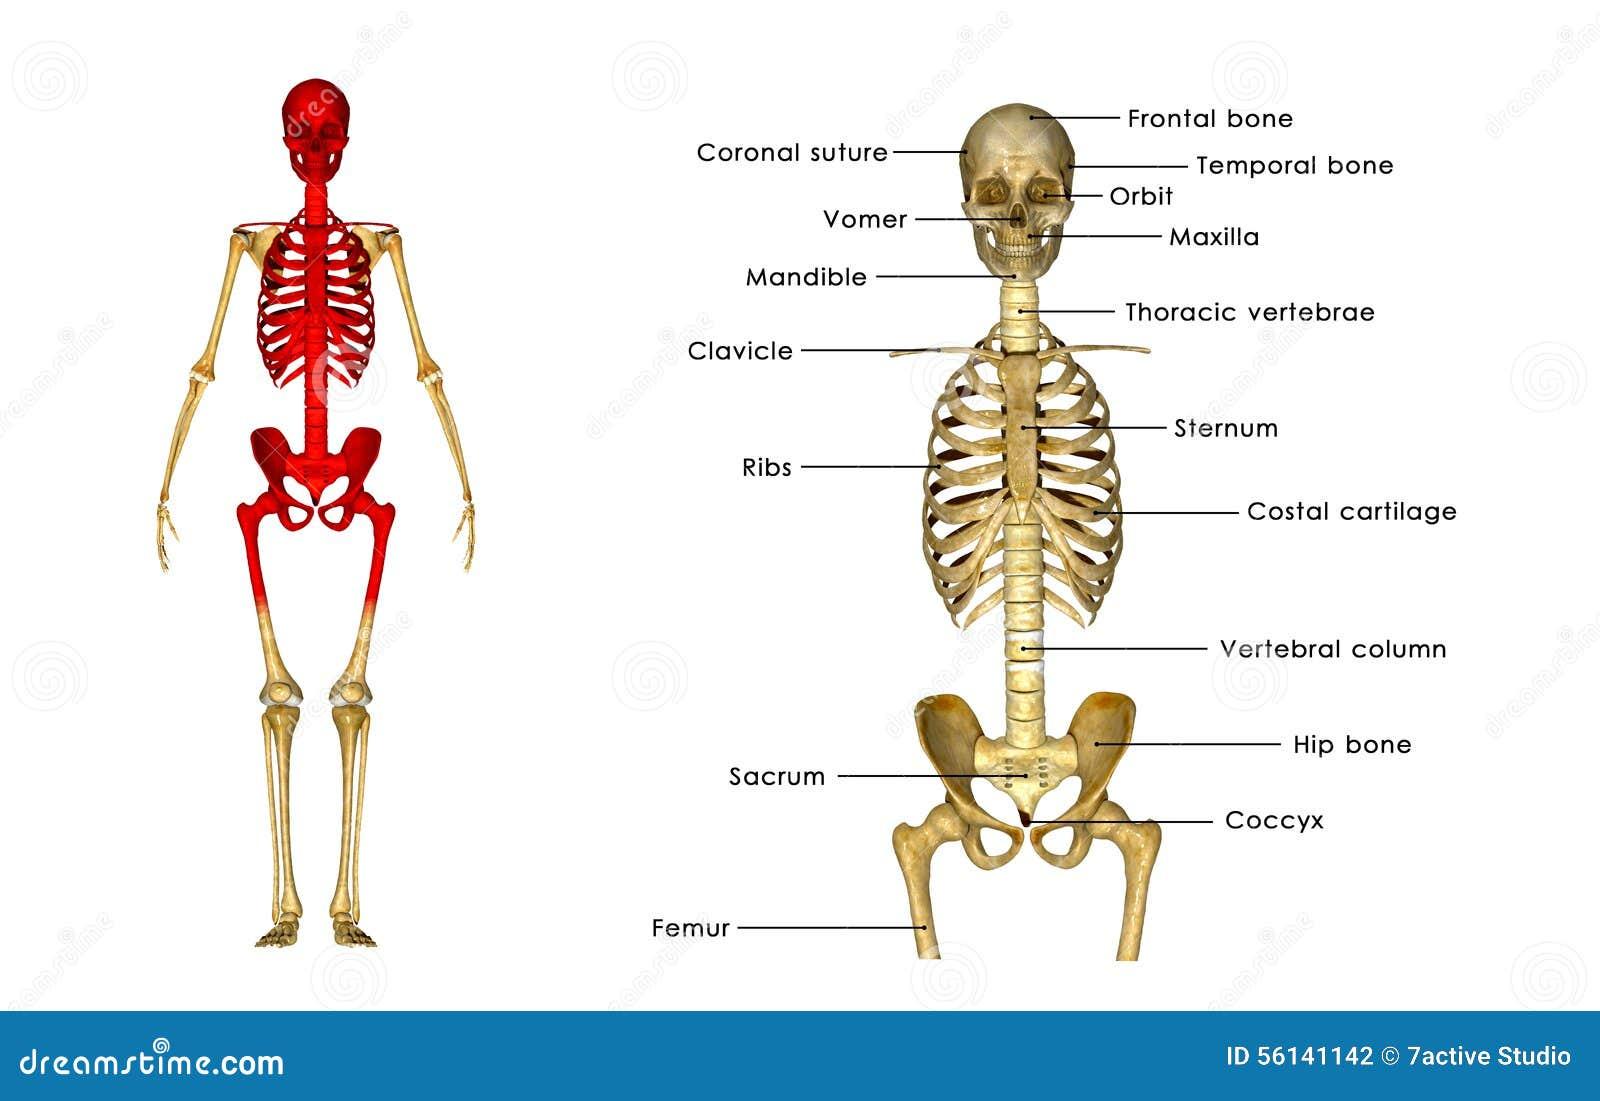 Tolle Skelett Diagramme Galerie - Anatomie Ideen - finotti.info